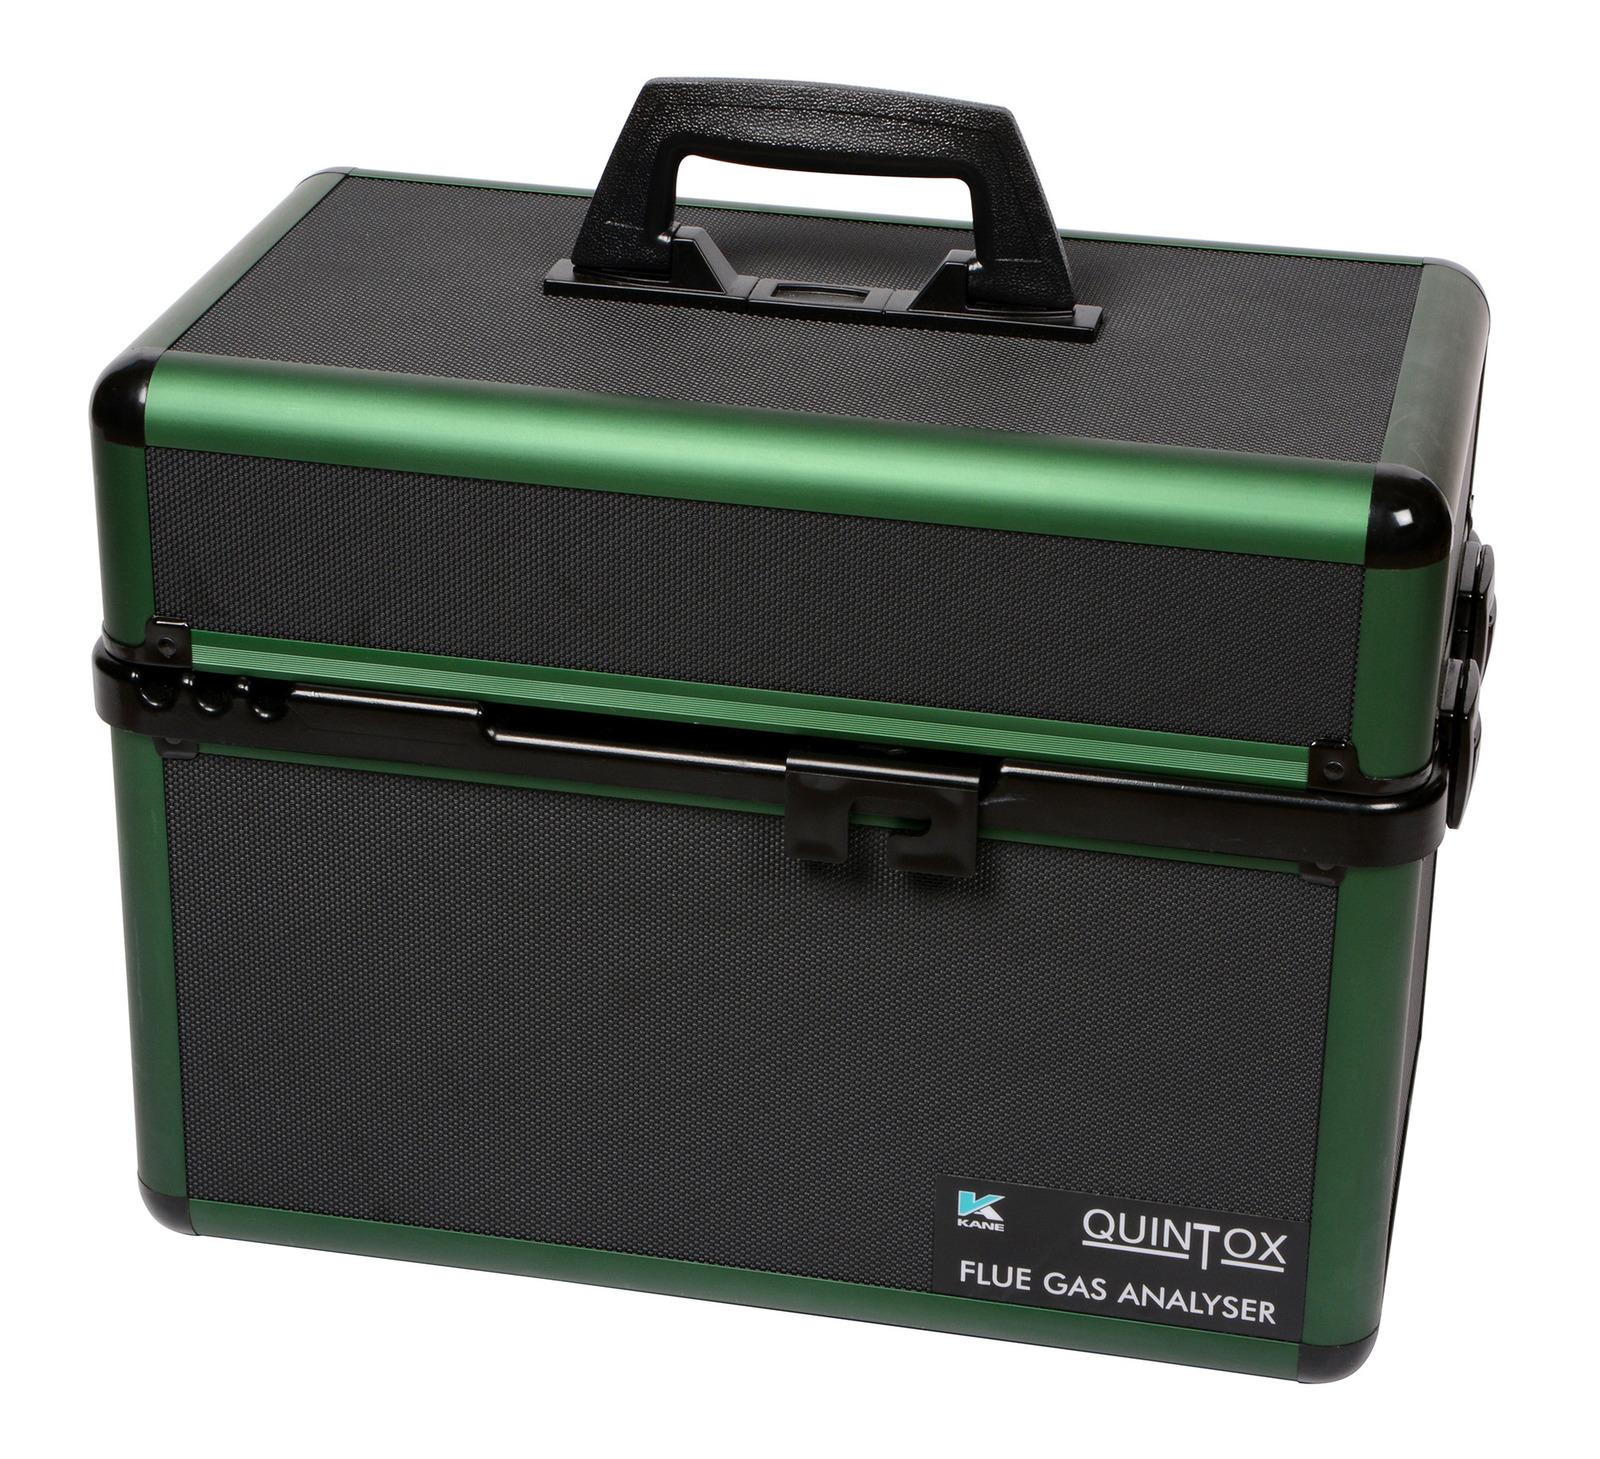 Kane 9206 Quintox Case